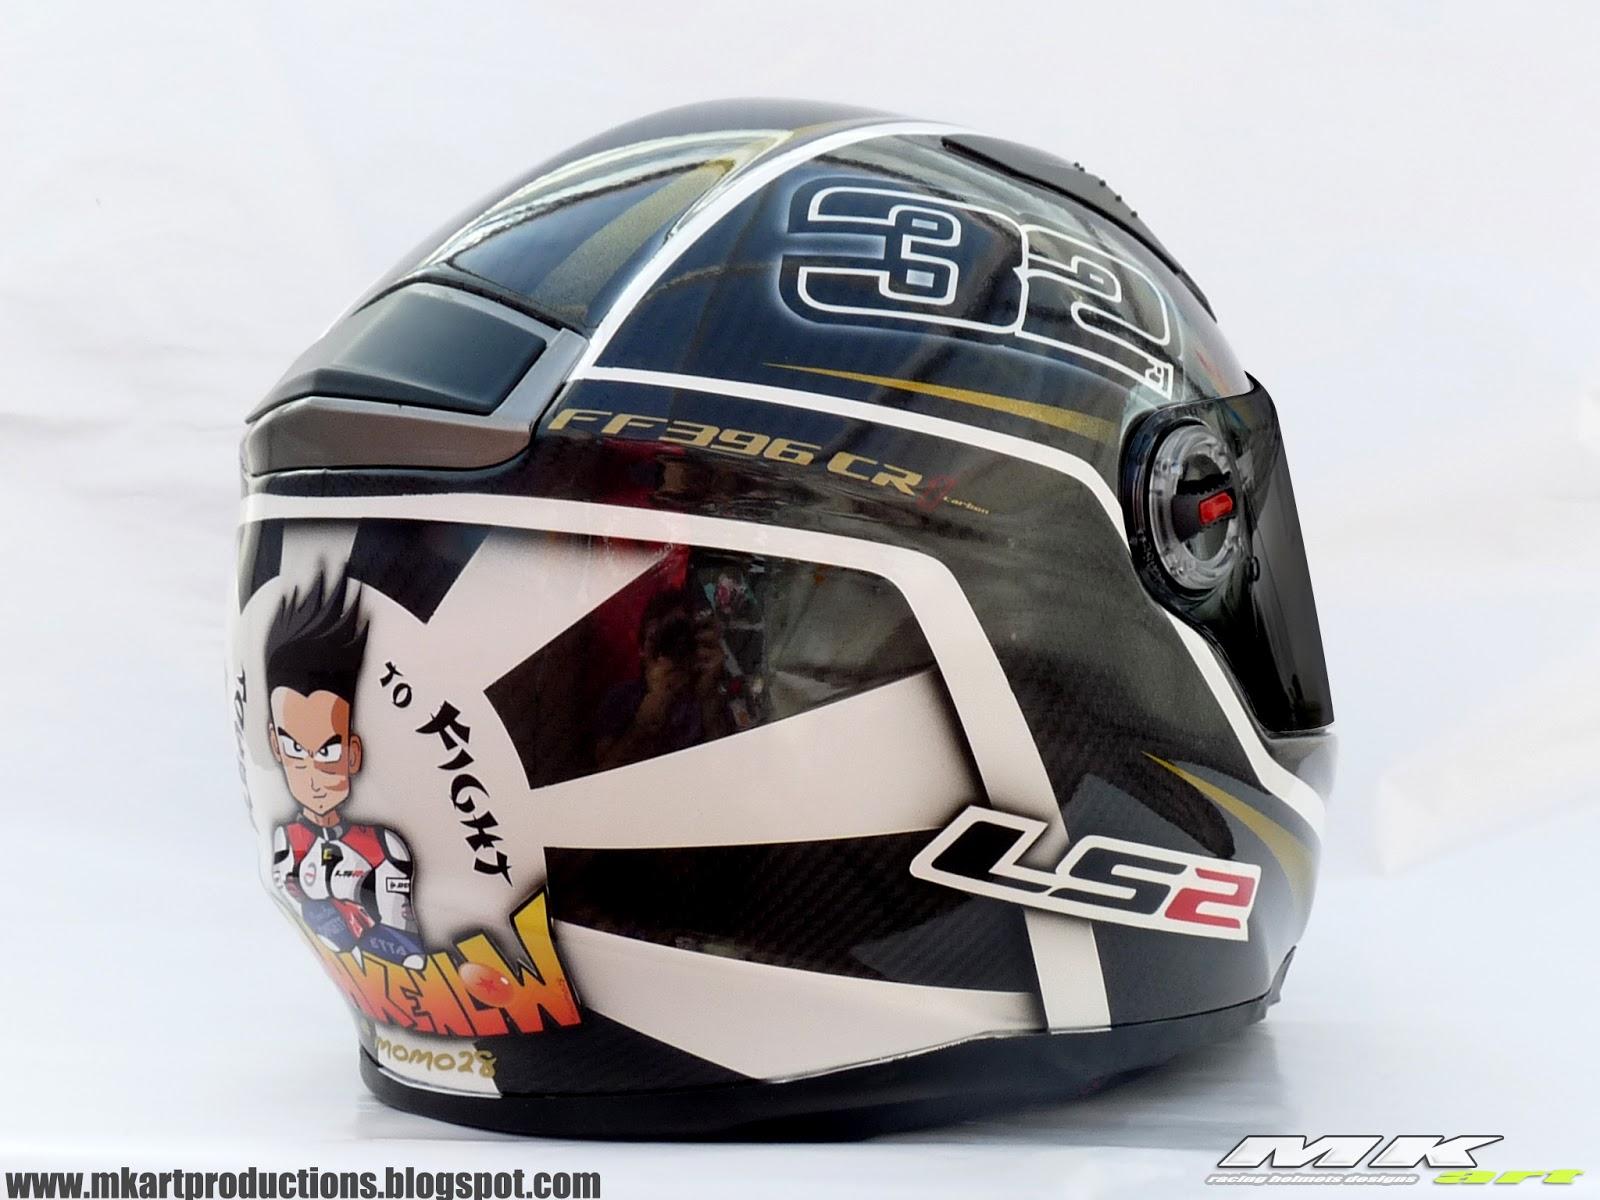 racing helmets garage ls2 ff396 cr1 i vi ales makenlow. Black Bedroom Furniture Sets. Home Design Ideas